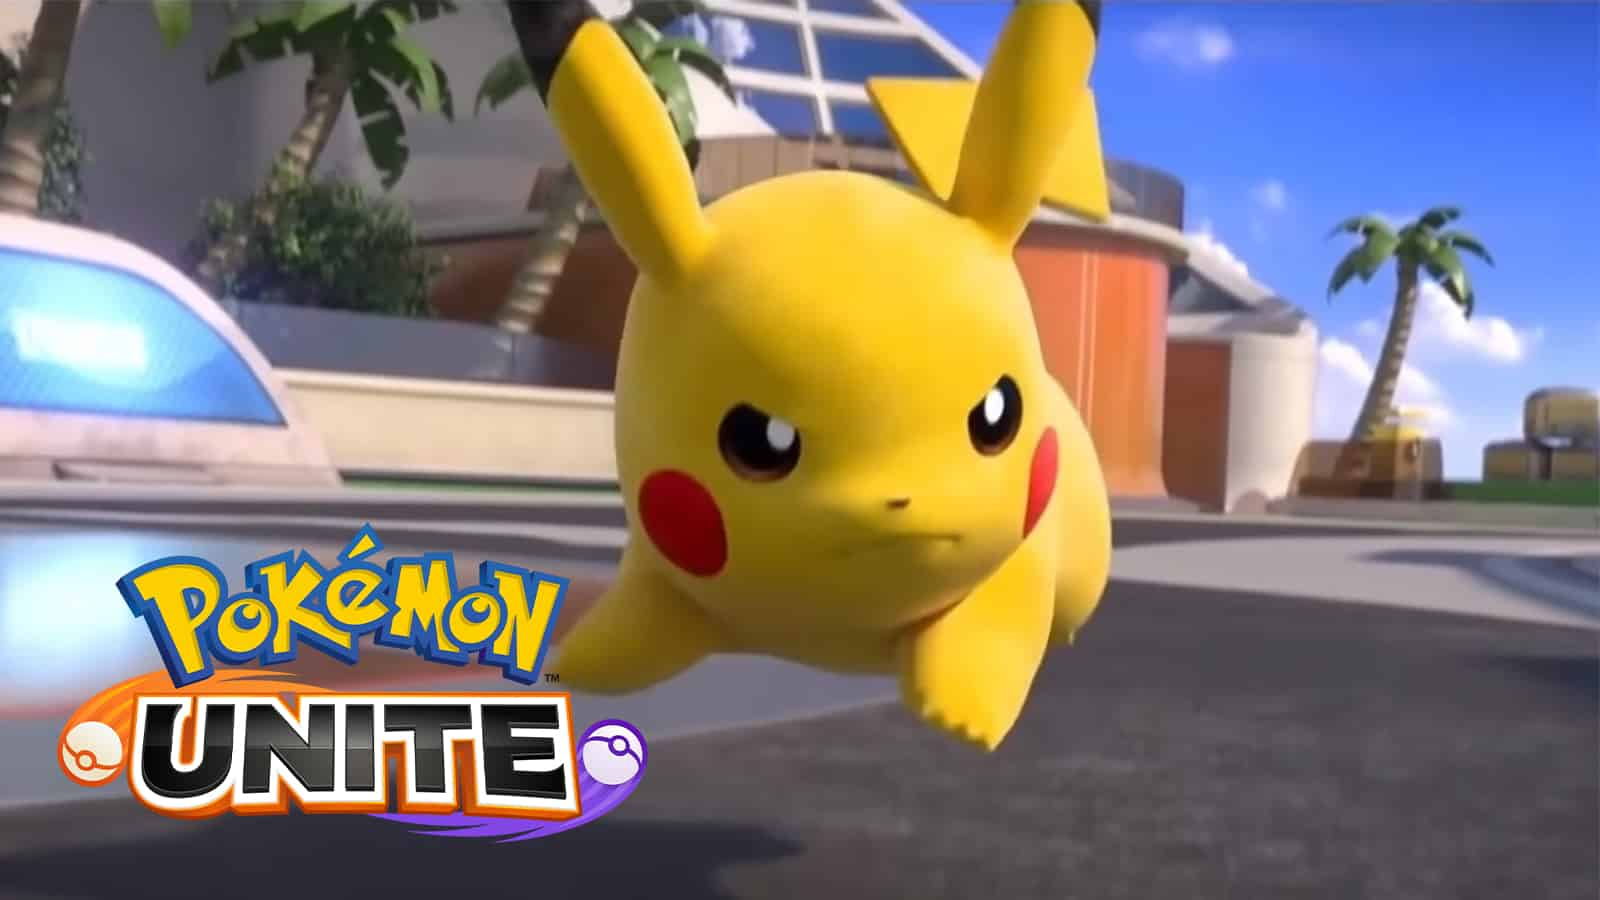 """Pokemon Unite-Spieler wollen Änderungen des Ranglisten-Balances zu """"unfairem"""" Matchmaking"""